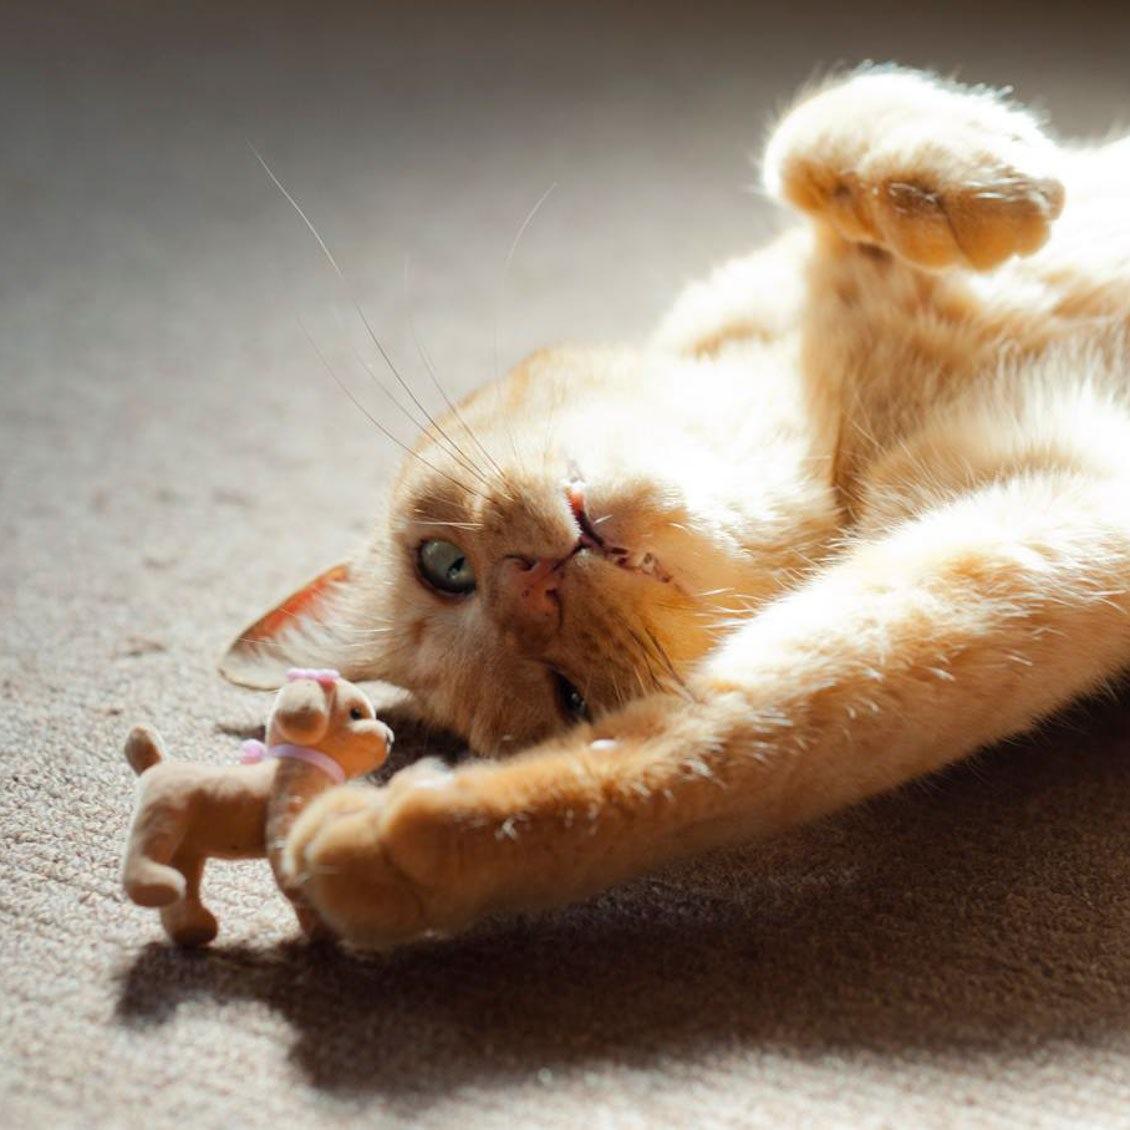 【うちのイヌ、うちのネコ】「今」を生きる達人のネコ2匹と。フォトグラファー砂原文さんが寄りそう14年